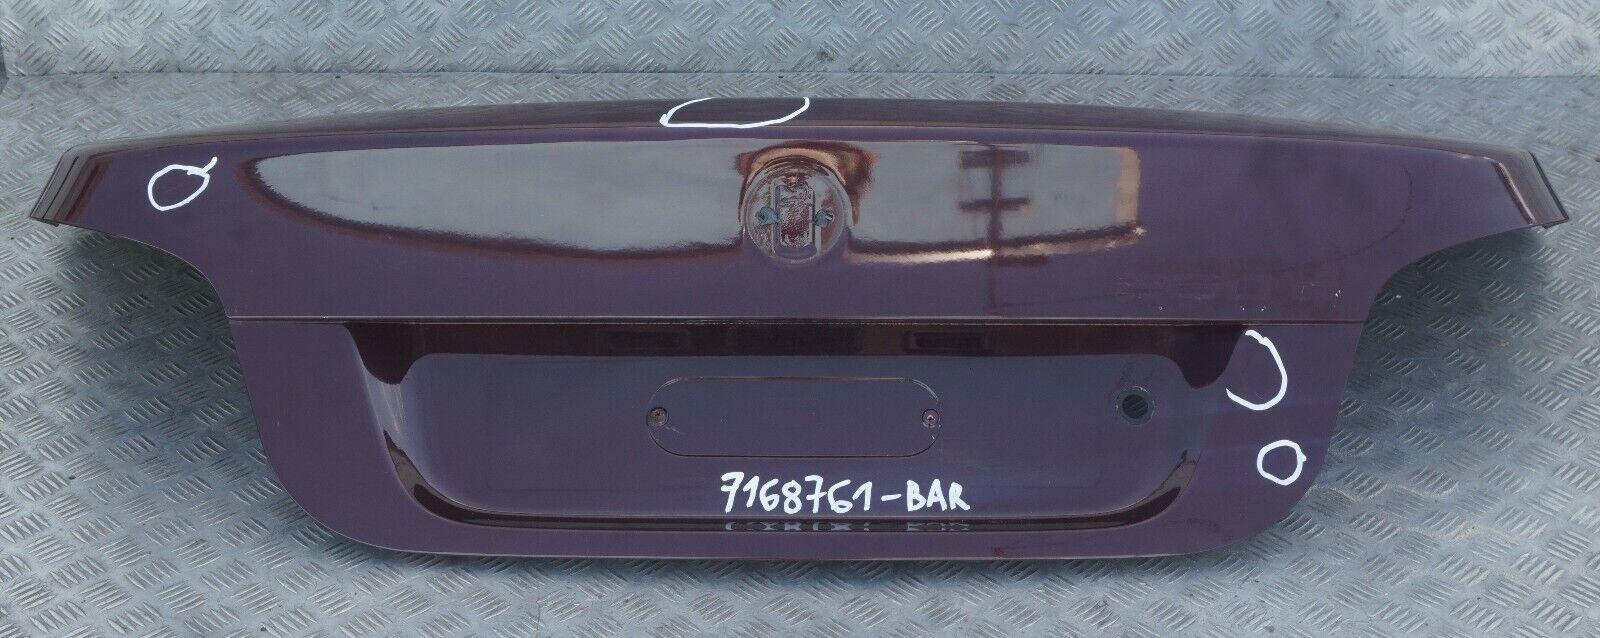 Frogum Couvre-Coffre en Caoutchouc Compatible avec BMW S/érie 5 E61 Touring 2002-2010